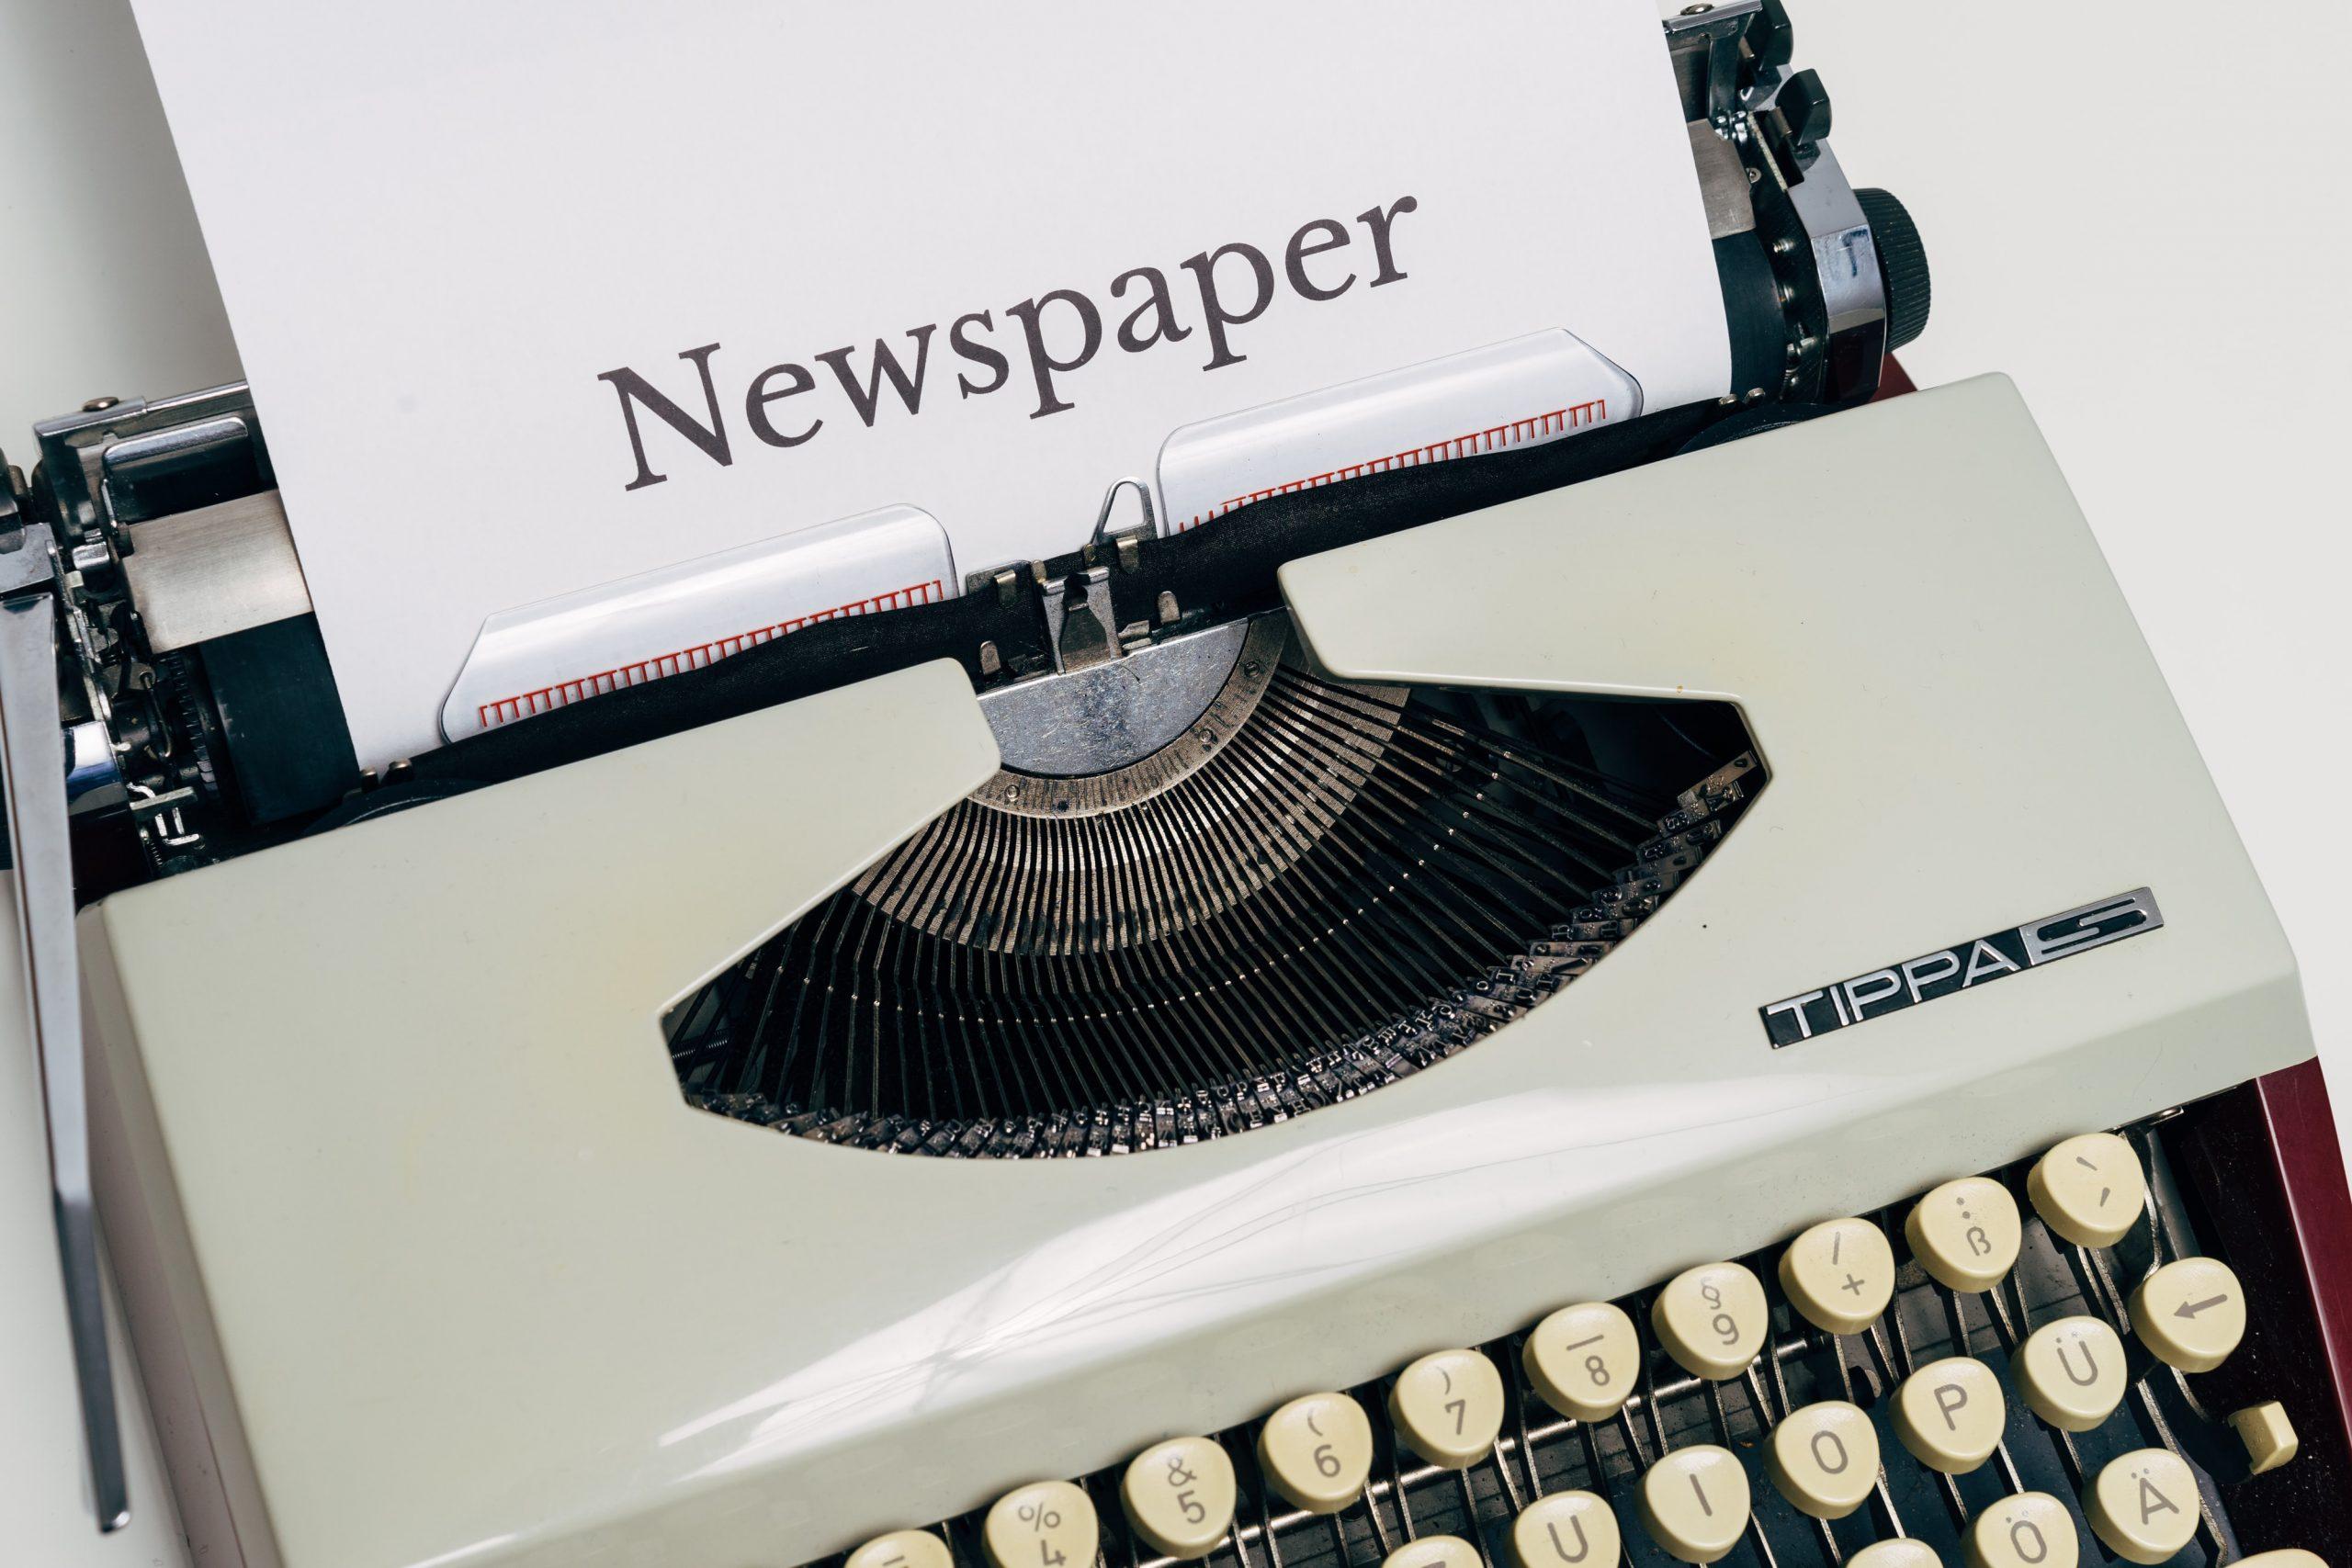 Comunicato stampa: come scriverlo in modo efficace